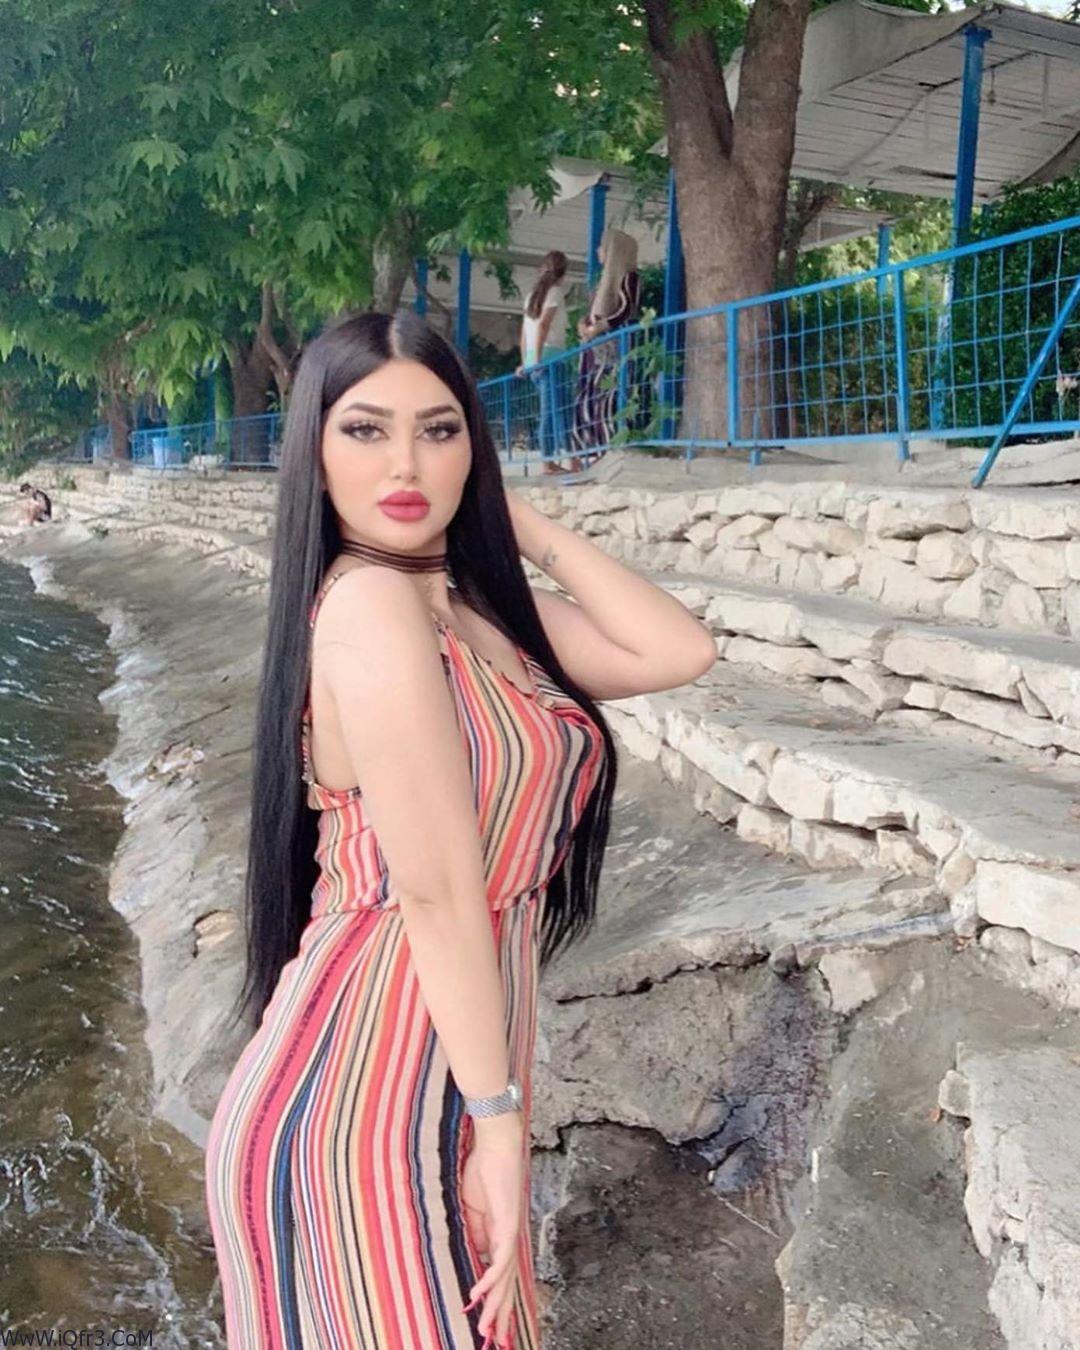 صورة صور مزز العراق , صور اجمل بنات العراق